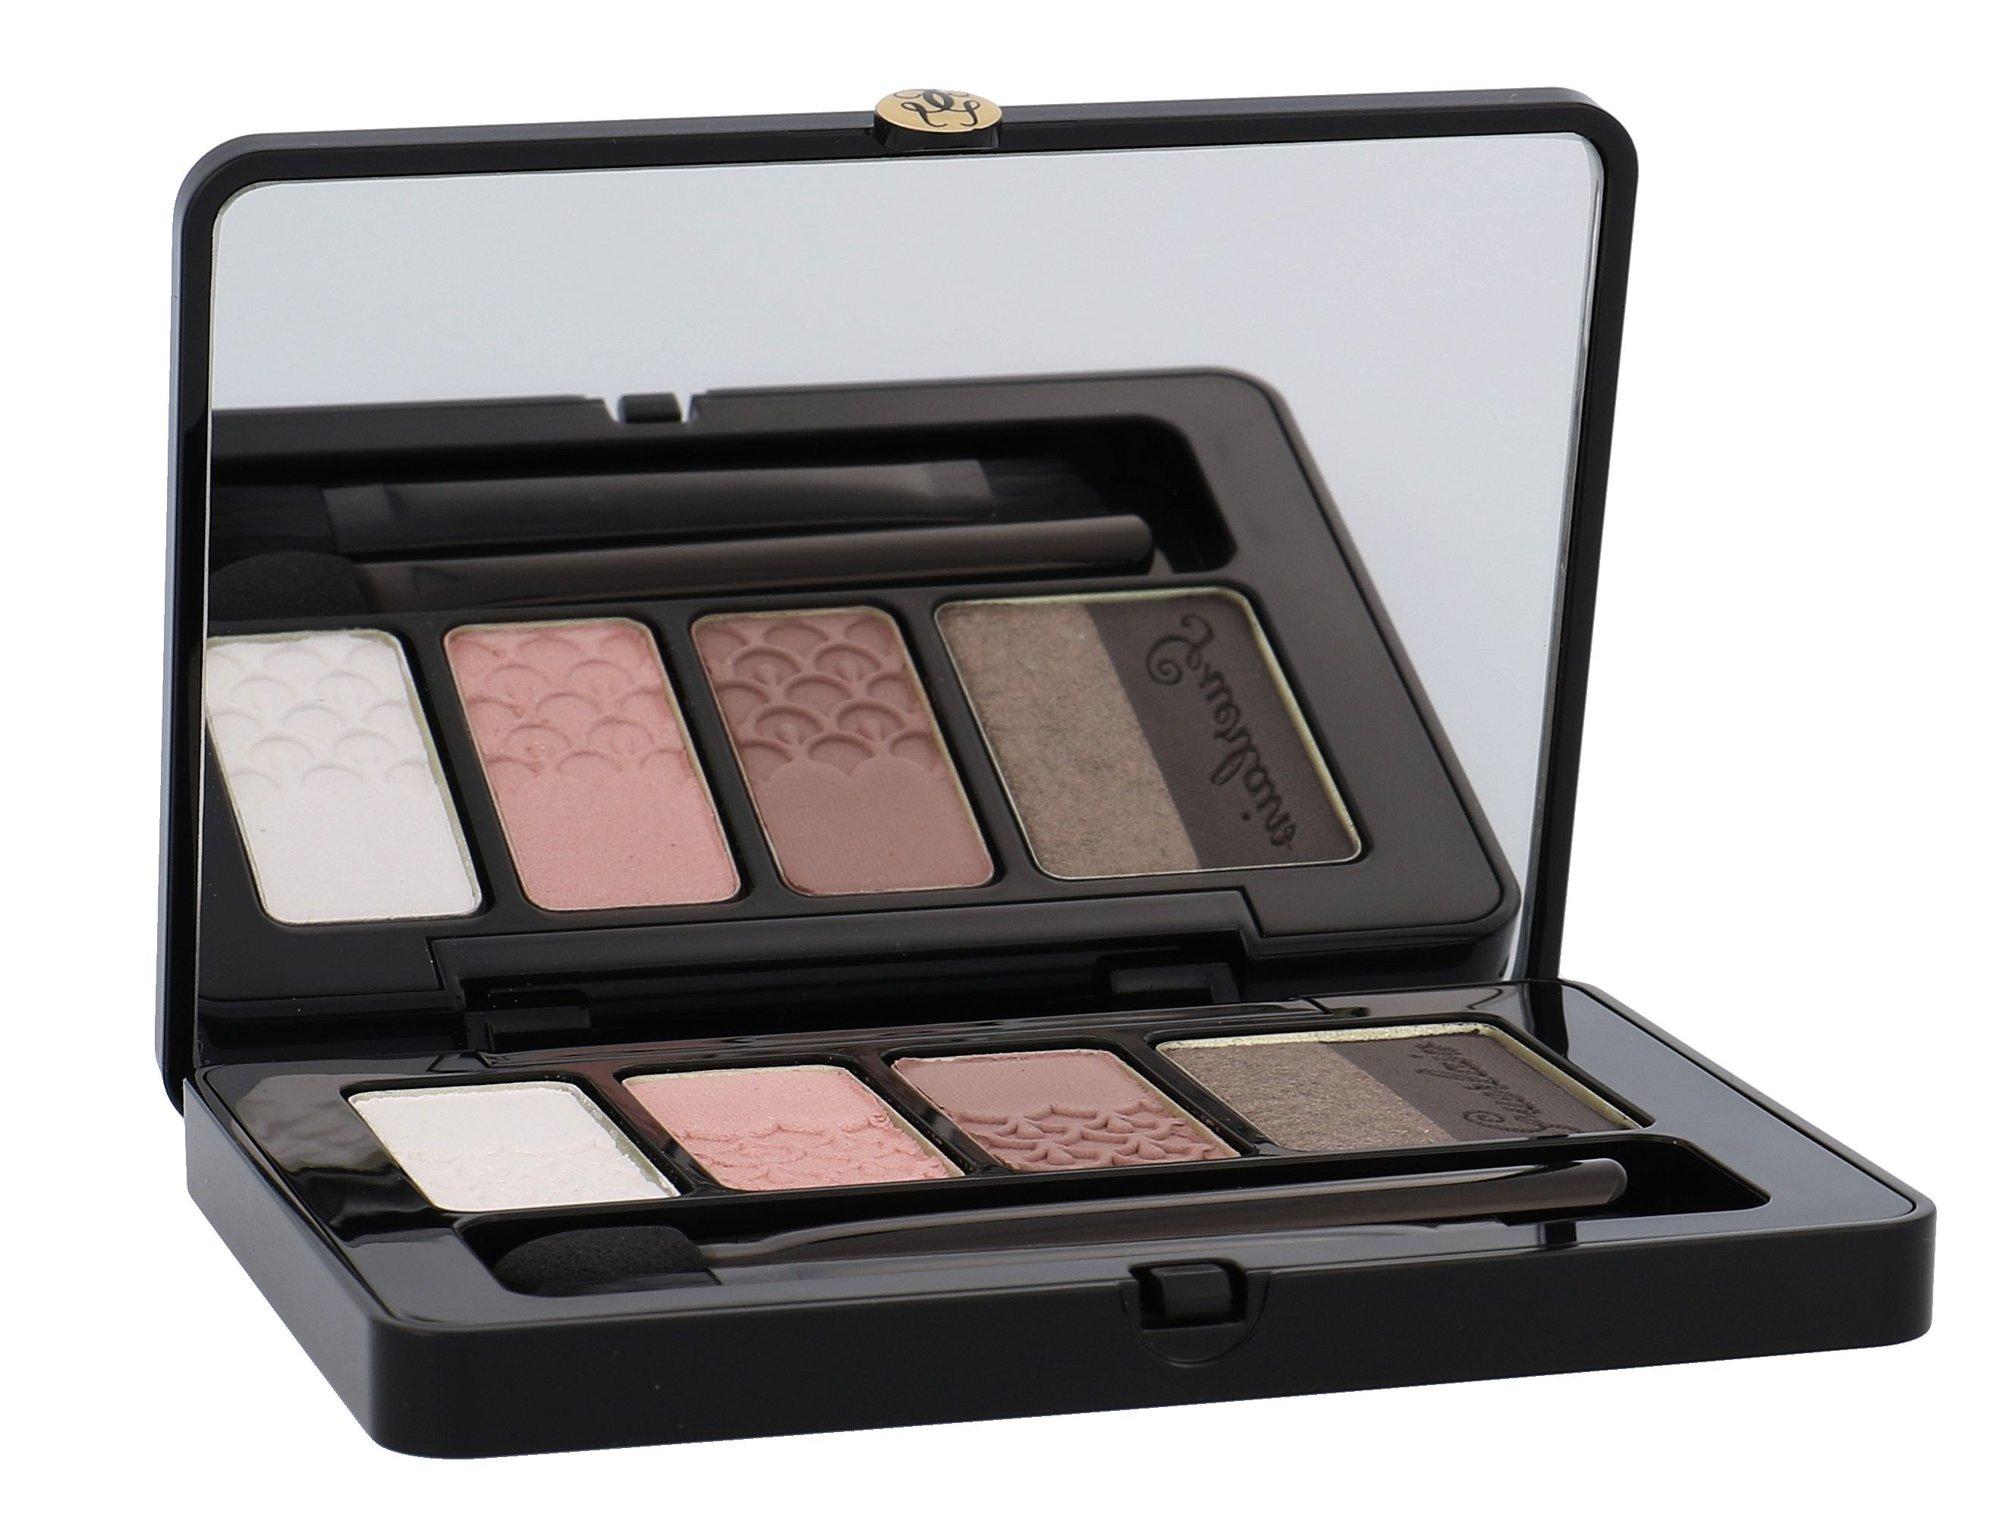 Guerlain Palette 5 Couleurs Cosmetic 6ml 06 Bois Des Indes